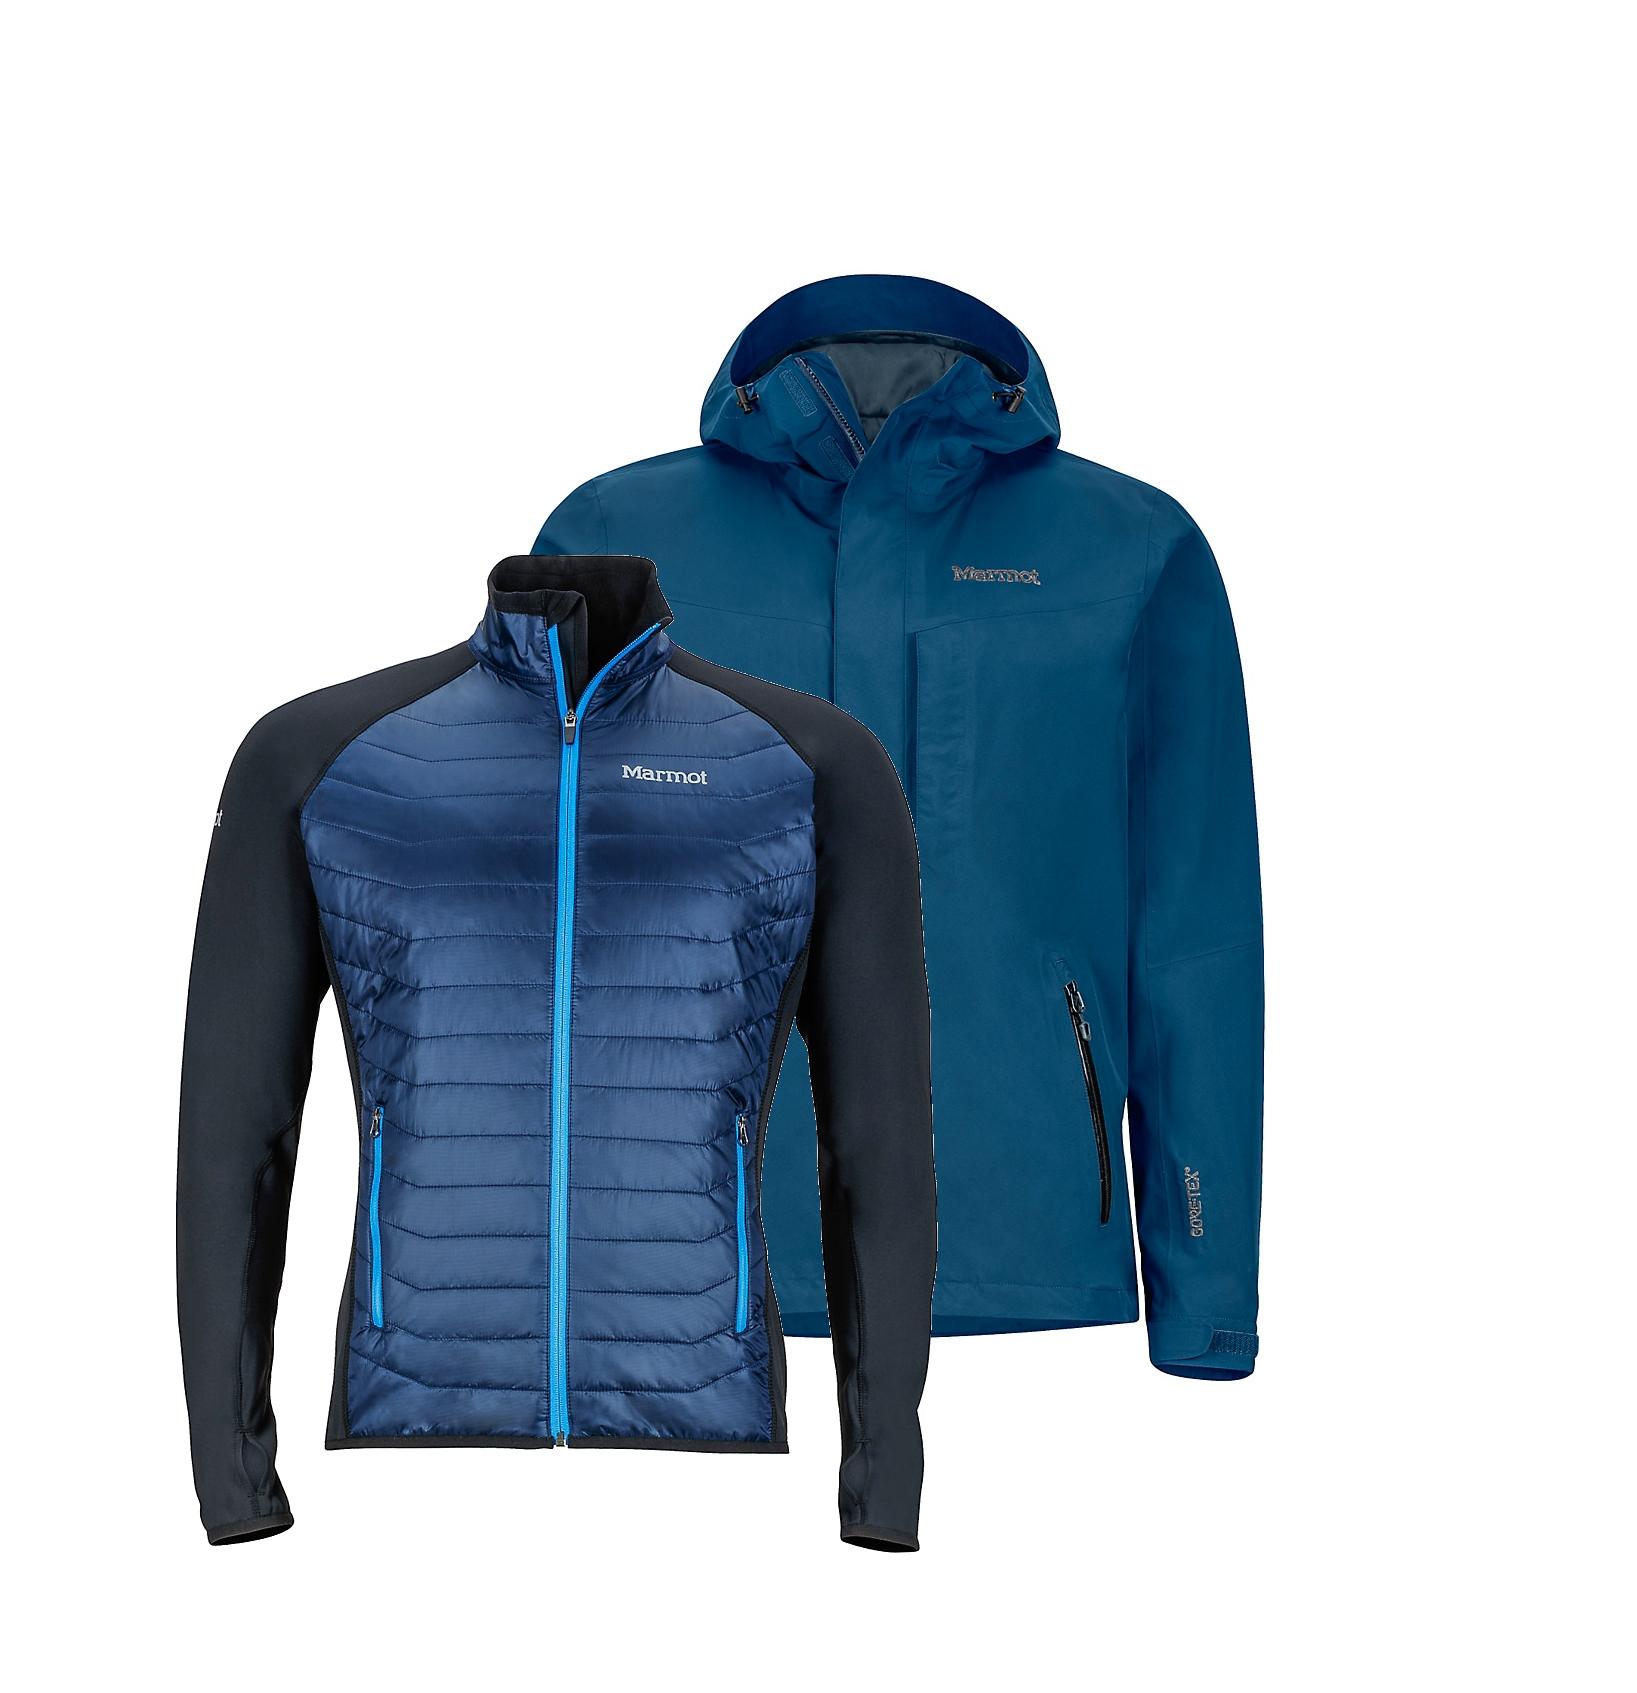 ├登山樂┤美國Marmot Wayfarer 男款GORE-TEX防水外套/風雨衣 兩件式 保暖化纖 深藍#30410-0200